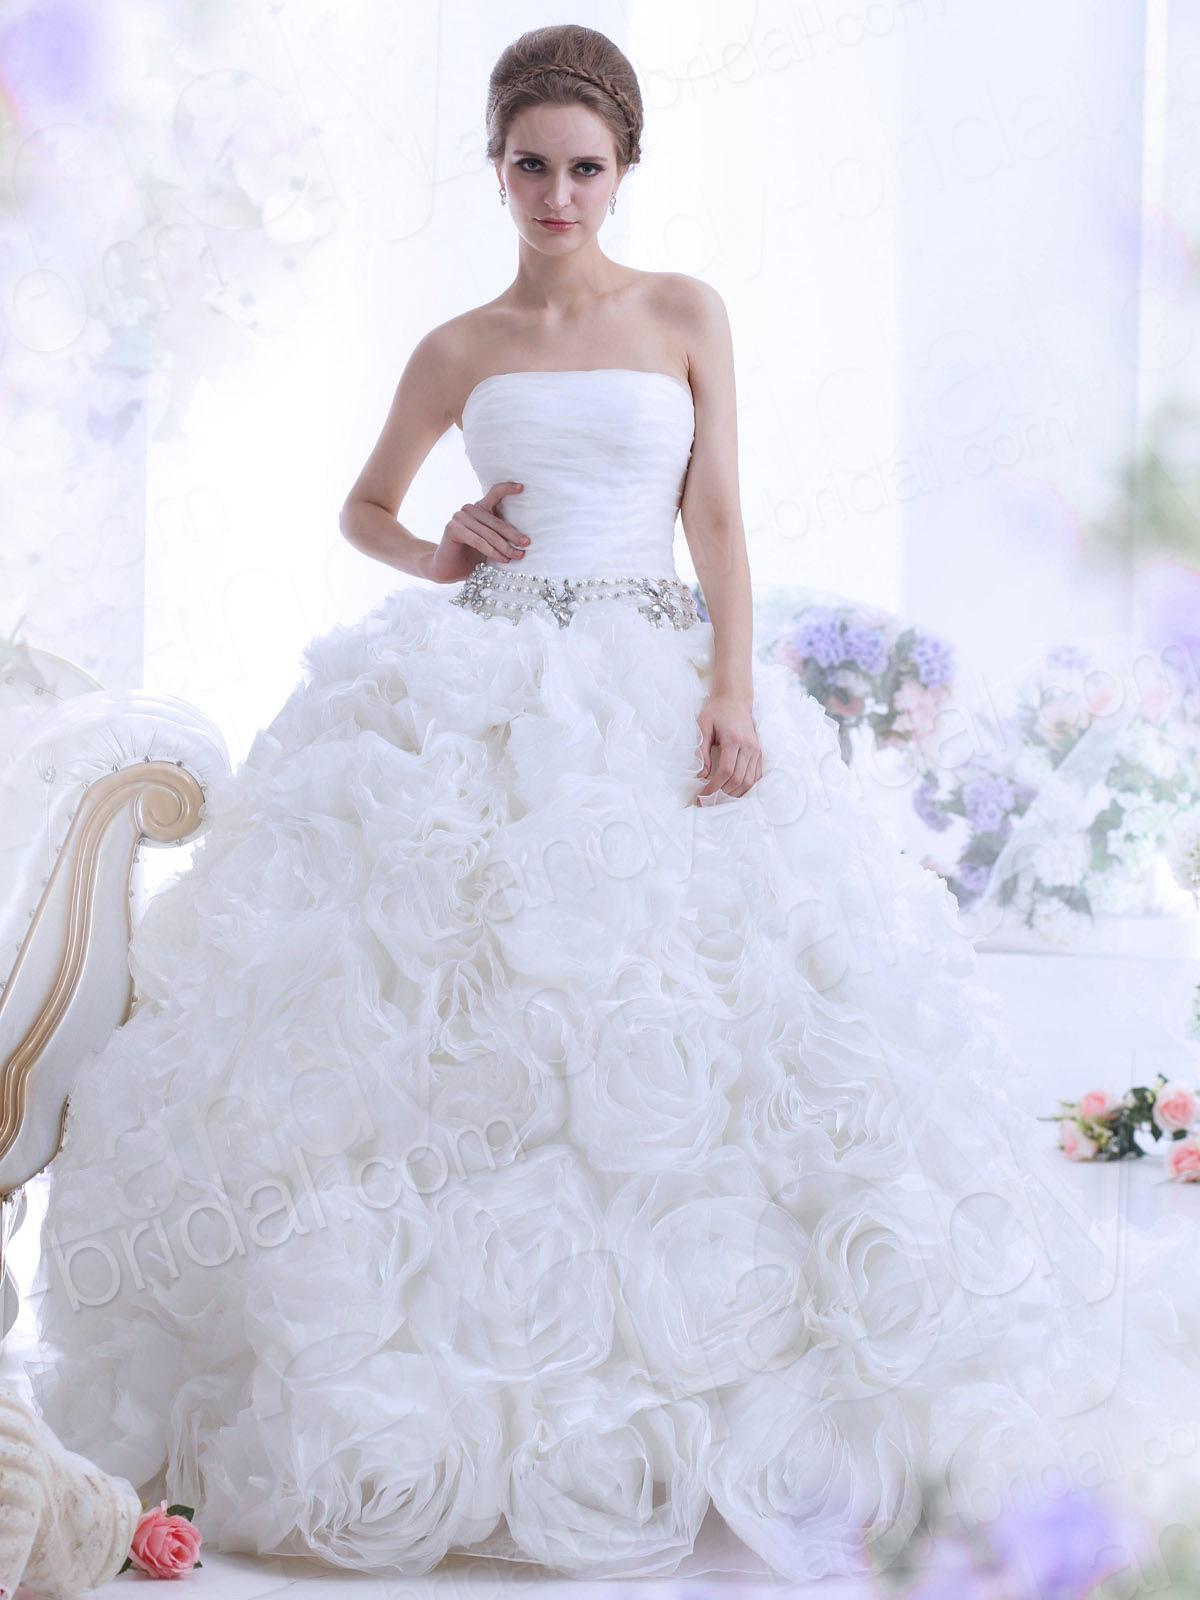 Фото самых пышных свадеб